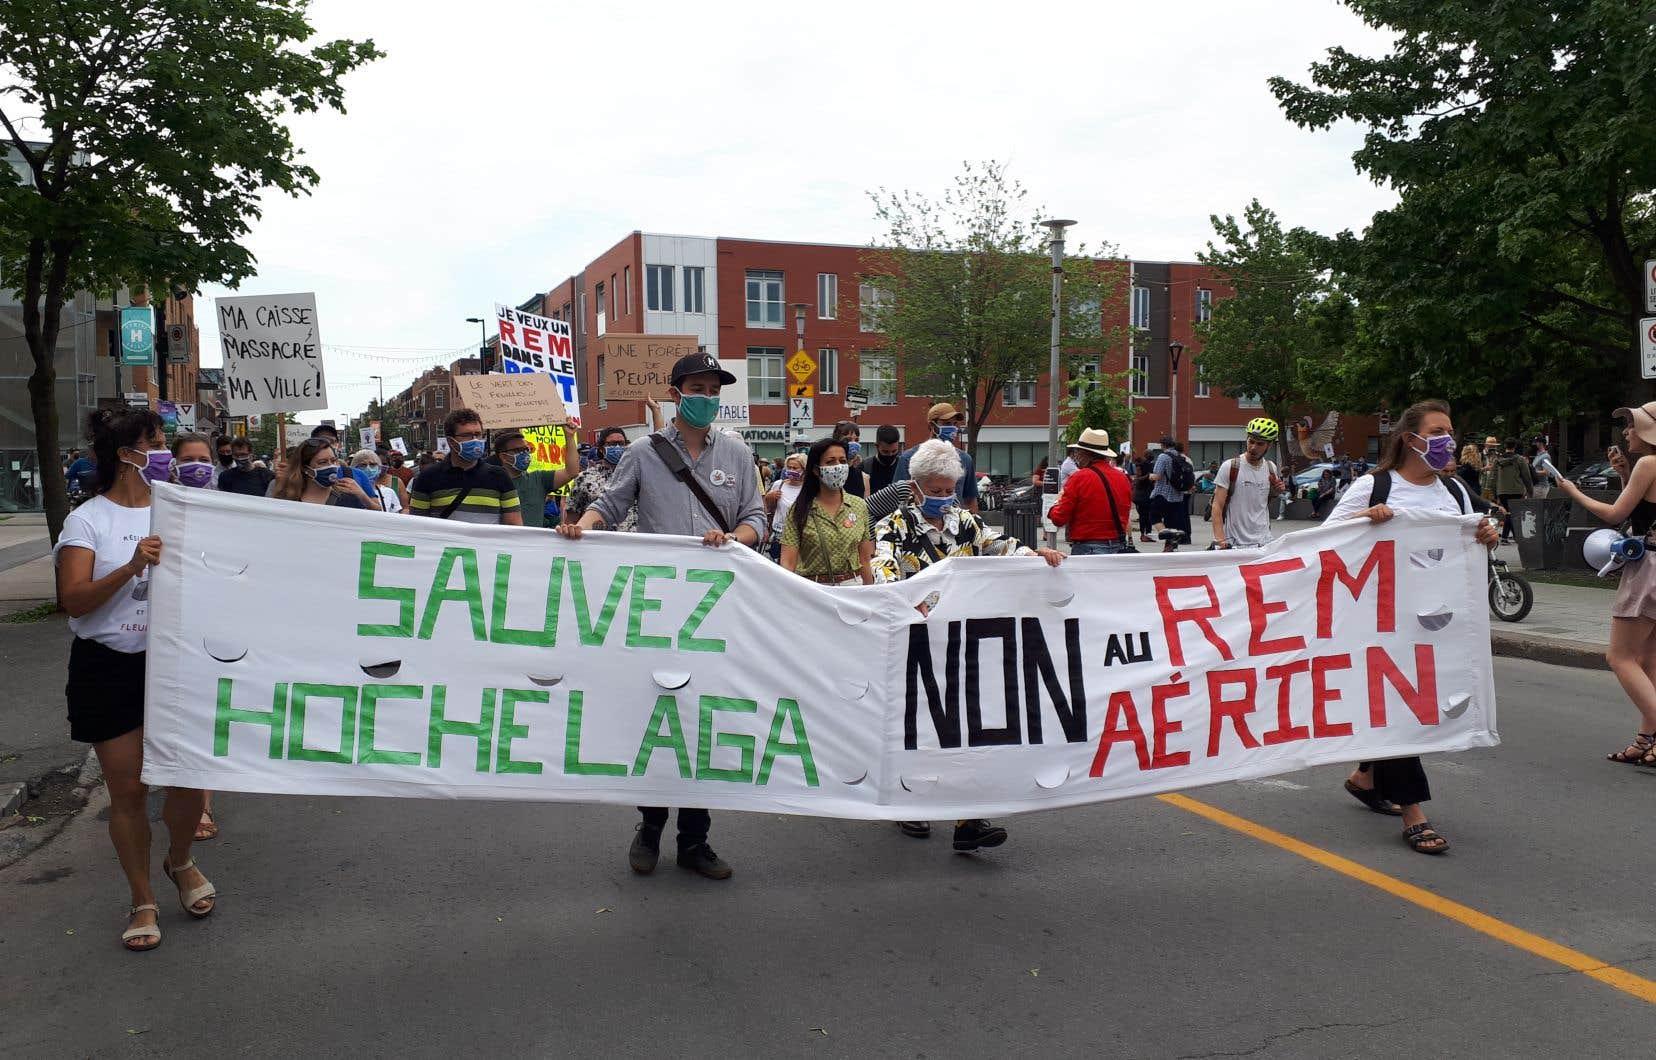 Plus d'une centaine de personnes étaient présentes samedi matin dans le quartier Hochelaga-Maisonneuve pour manifester contre le passage du Réseau express métropolitain (REM) dans leur quartier.